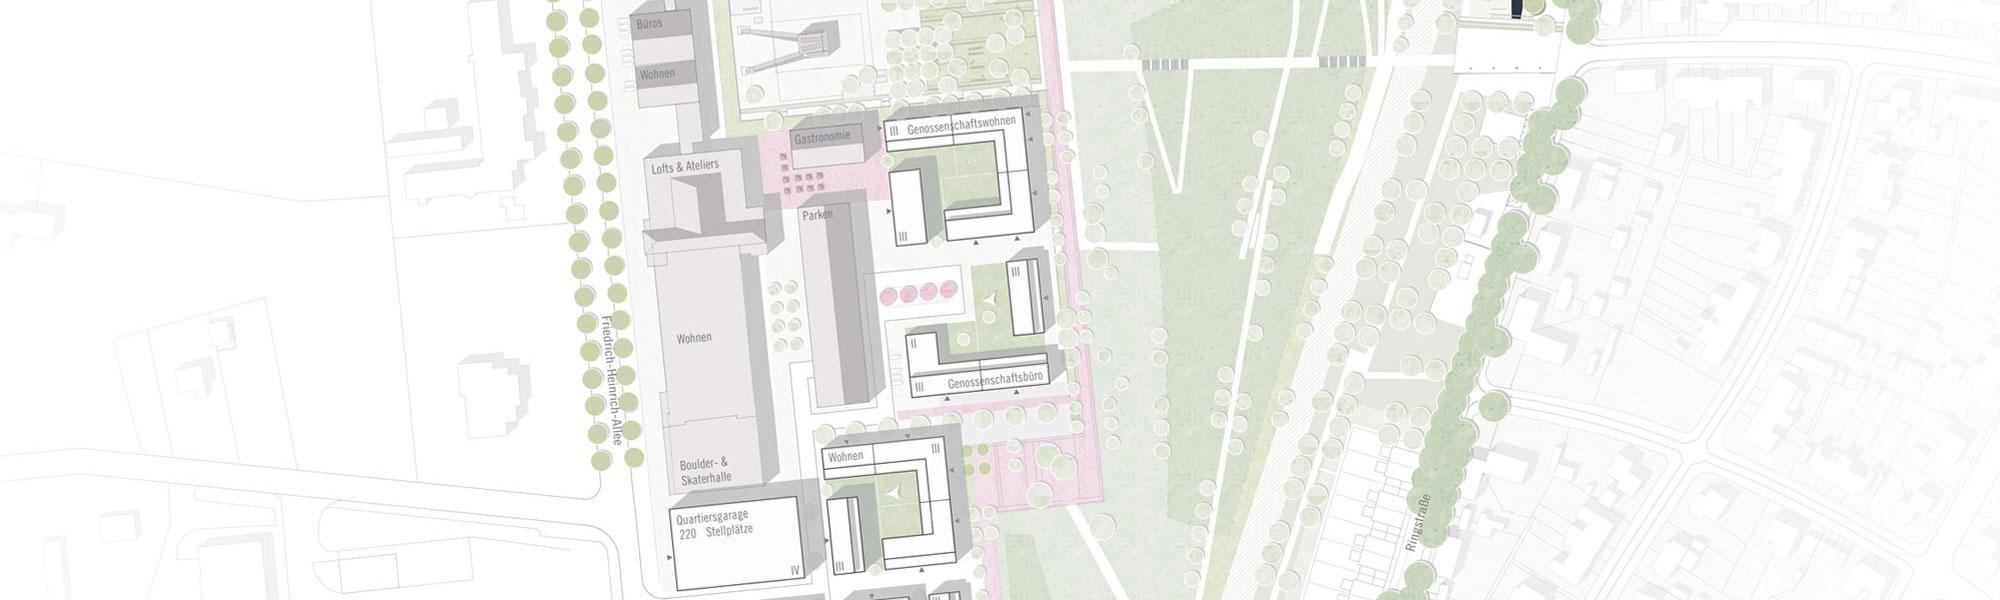 Titelbild Wettbewerb Kamp-Lintfort: Ausschnitt Lageplan